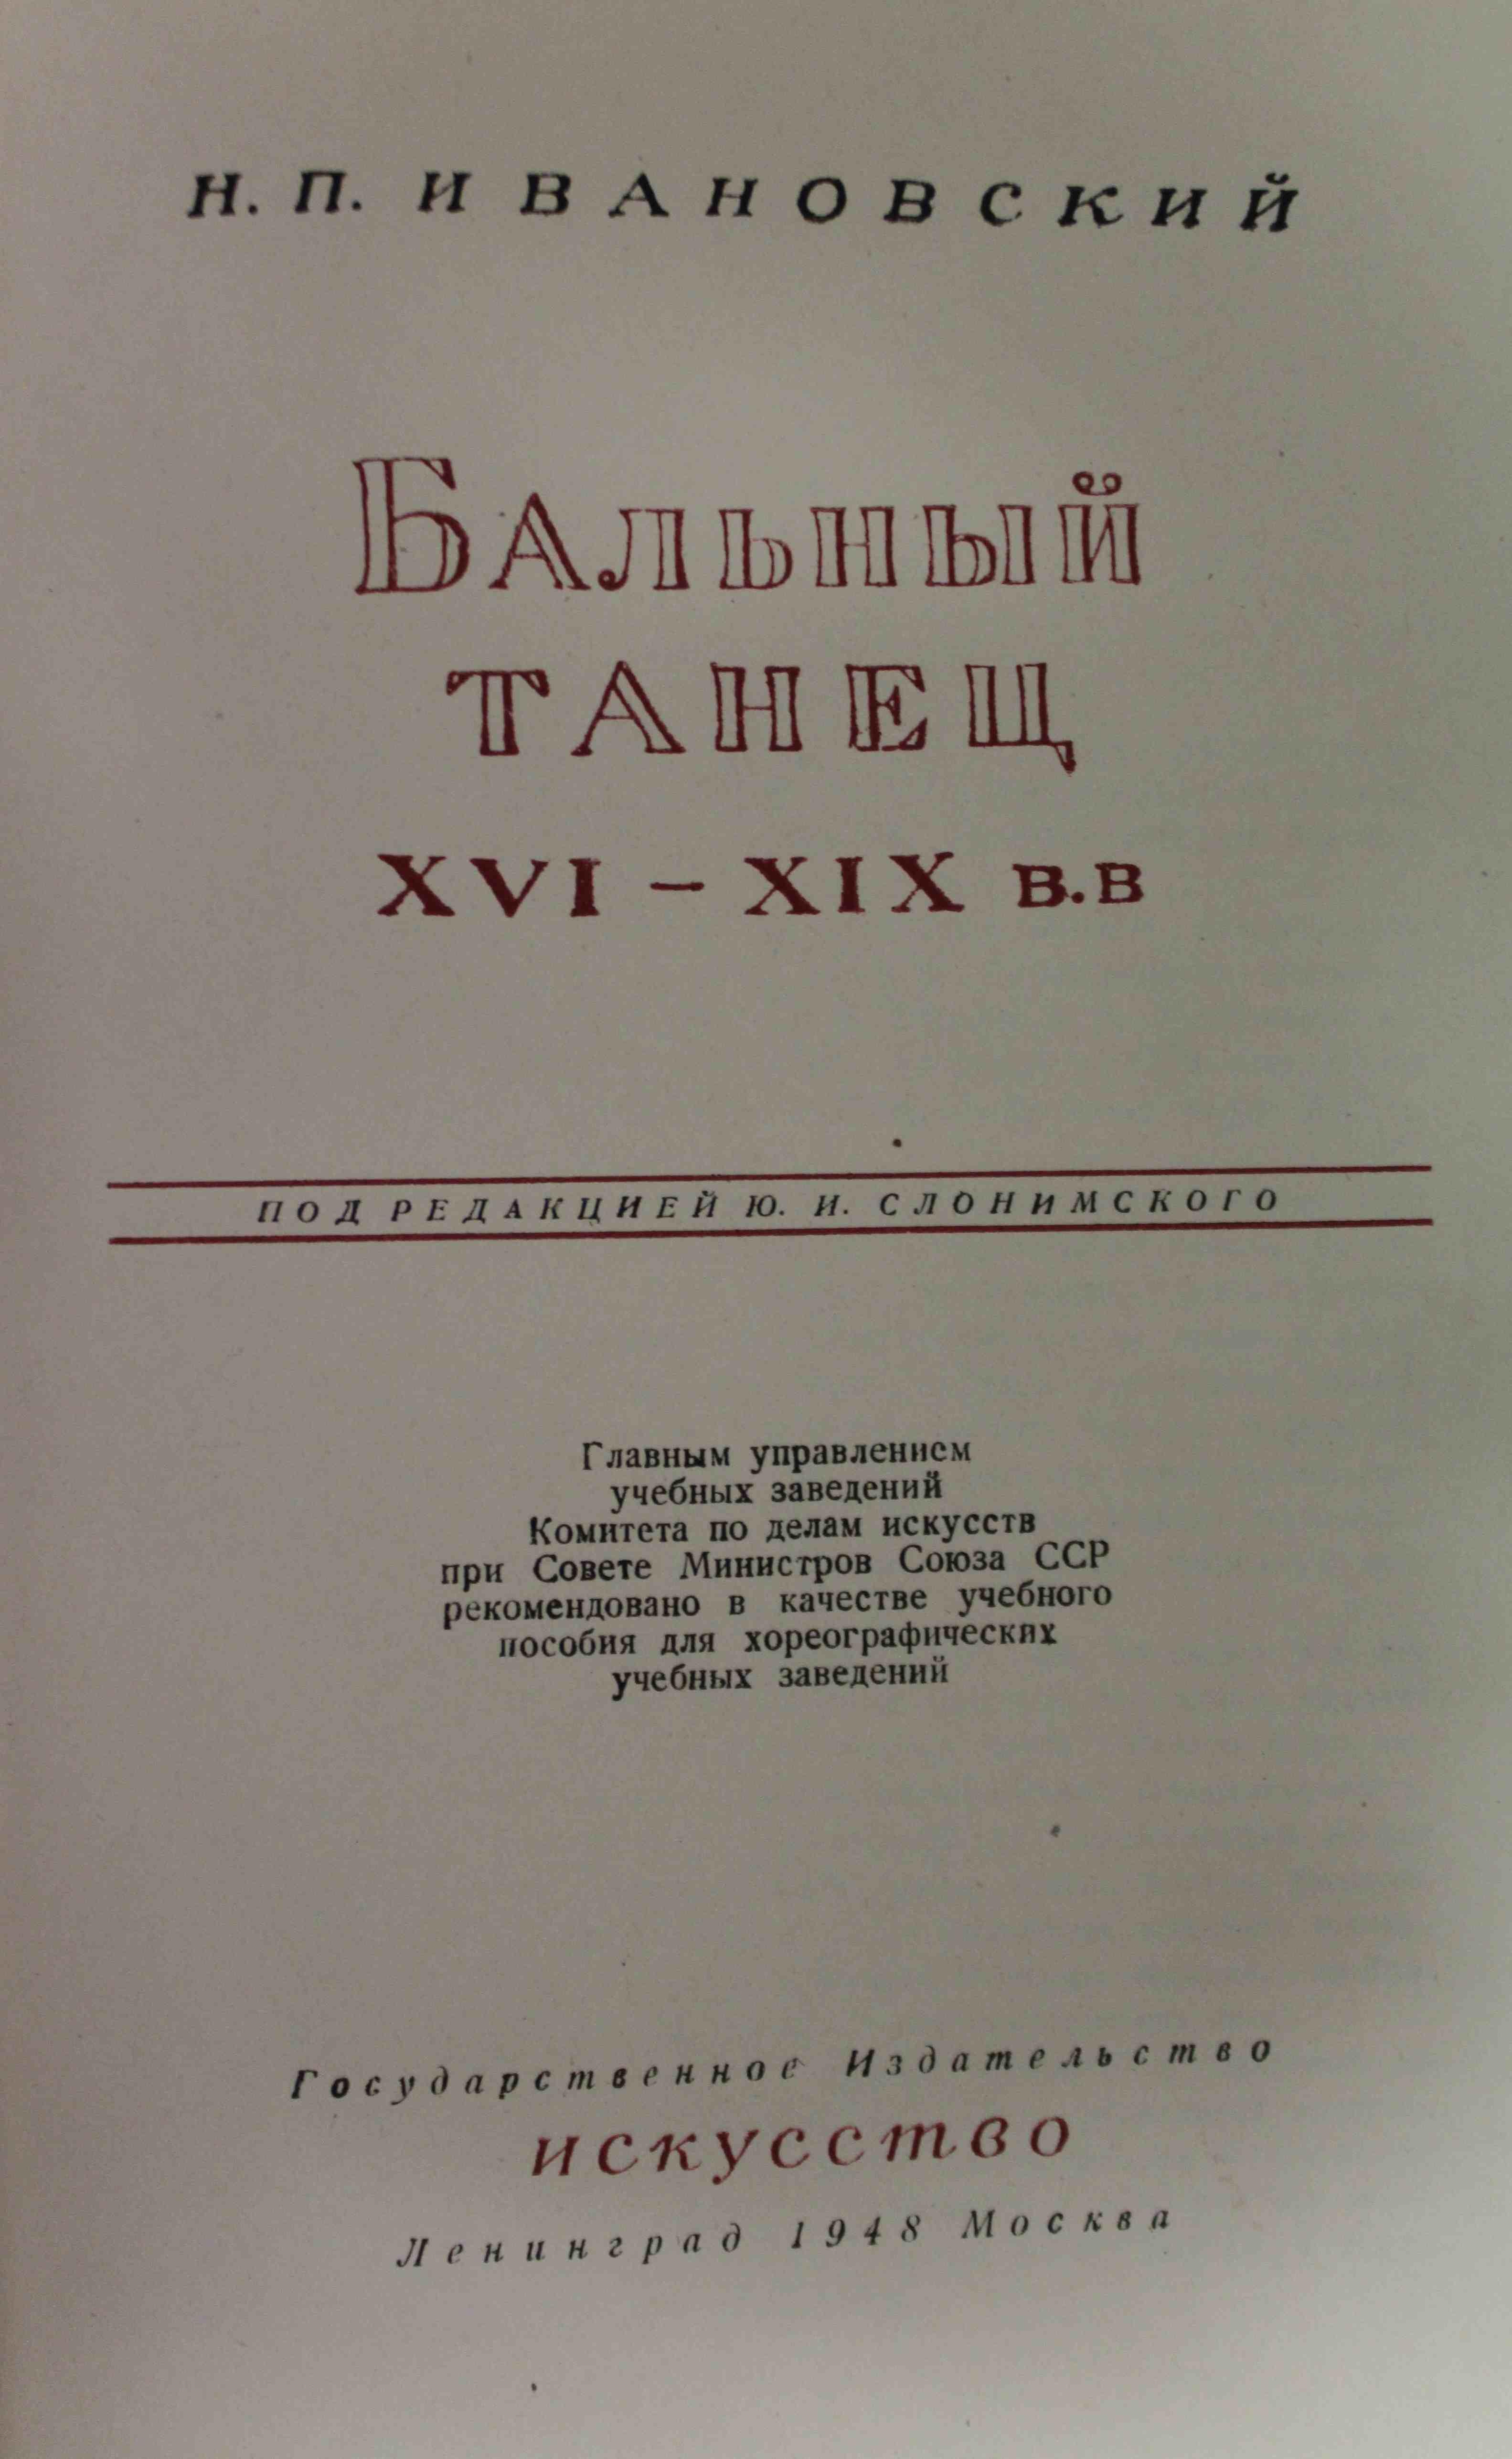 IVANOVSKIJ 2 (1)